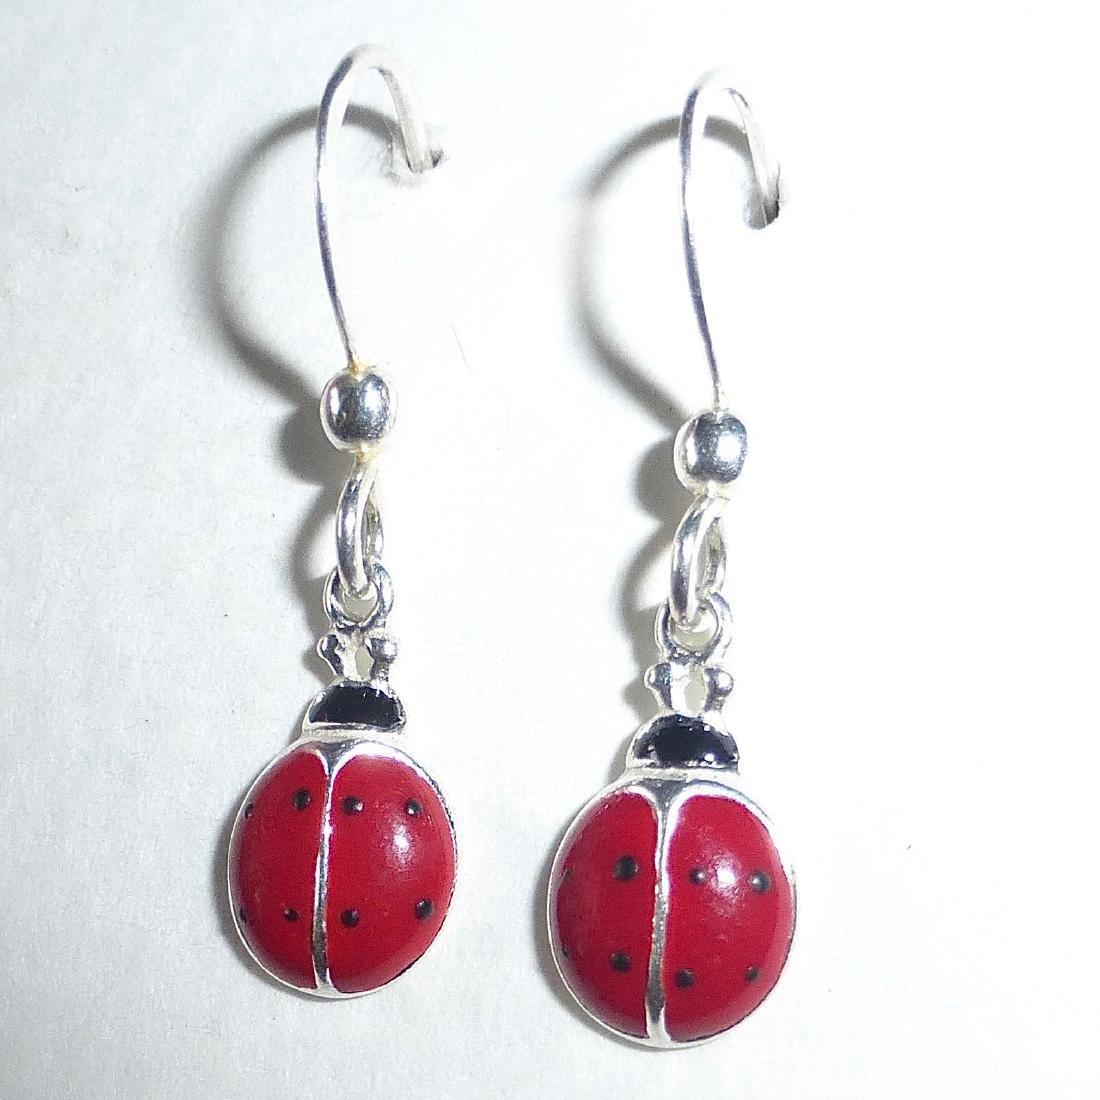 Vintage Sterling Silver Enamel Ladybug Earrings - 4